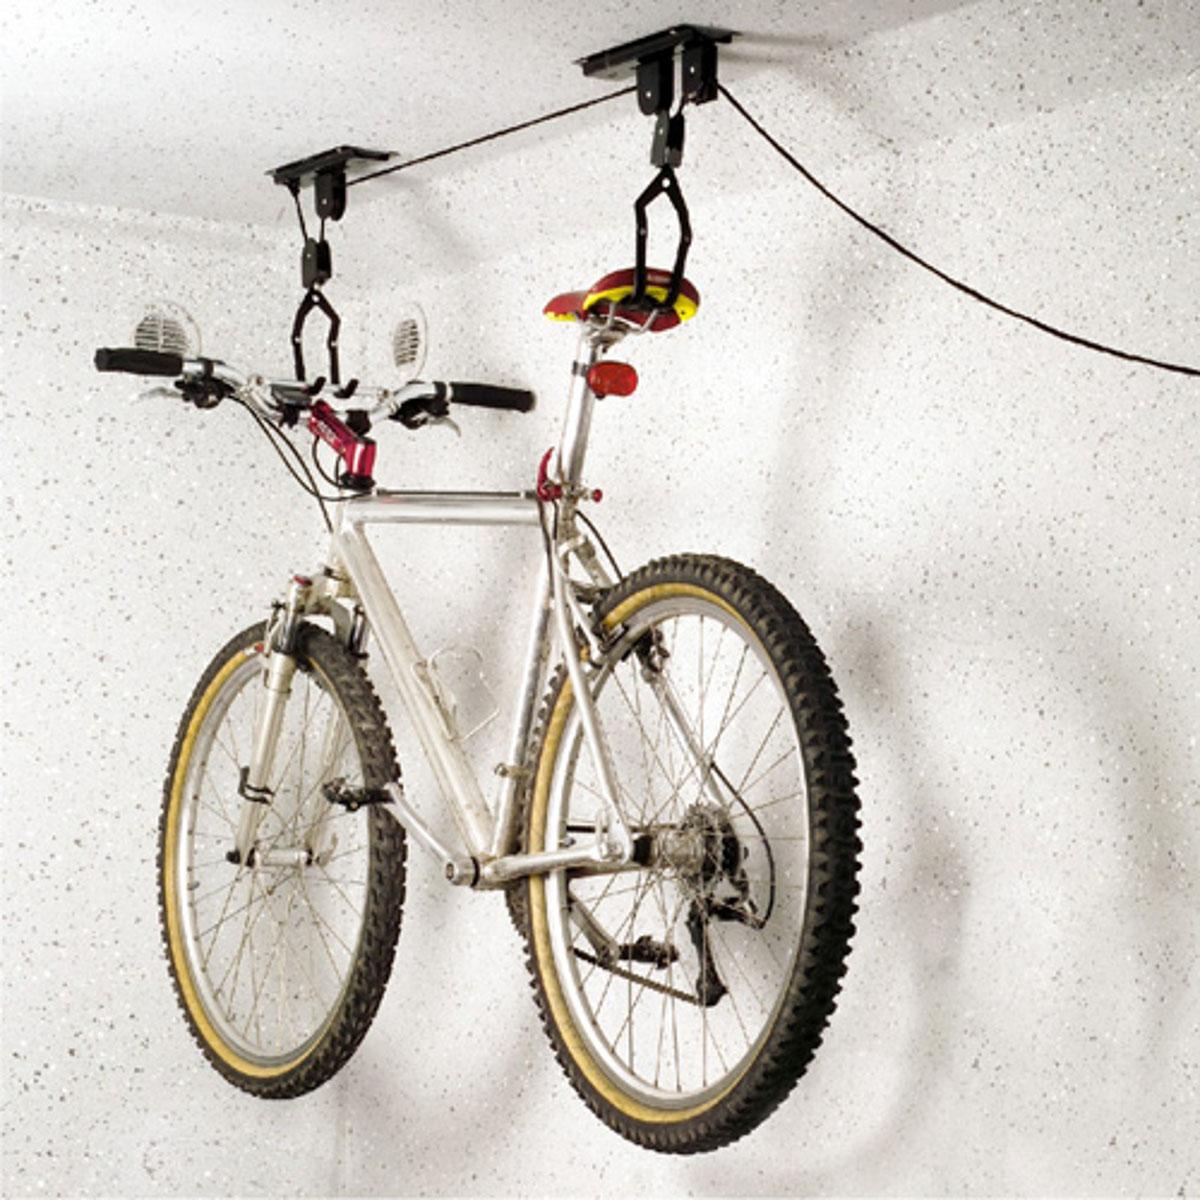 Подъемный механизм для велосипеда МастерПрофАС.050029Подъемный механизм (лифт) - идеальный способ для хранения велосипеда. Экономит пространство в помещении и защищает шины велосипеда. В Механизме используется система из верёвки и шкива, которая устанавливается на потолке. Механизм позволяет поднимать и опускать велосипед на нужную высоту. Для потолков не более 4 метров. Максимальная нагрузка 20 кг. Кроме хранения велосипедов, подходит для хранения каяков, автомобильных багажников и прочих вещей, которые периодически востребованы и требуют быстрого доступа.